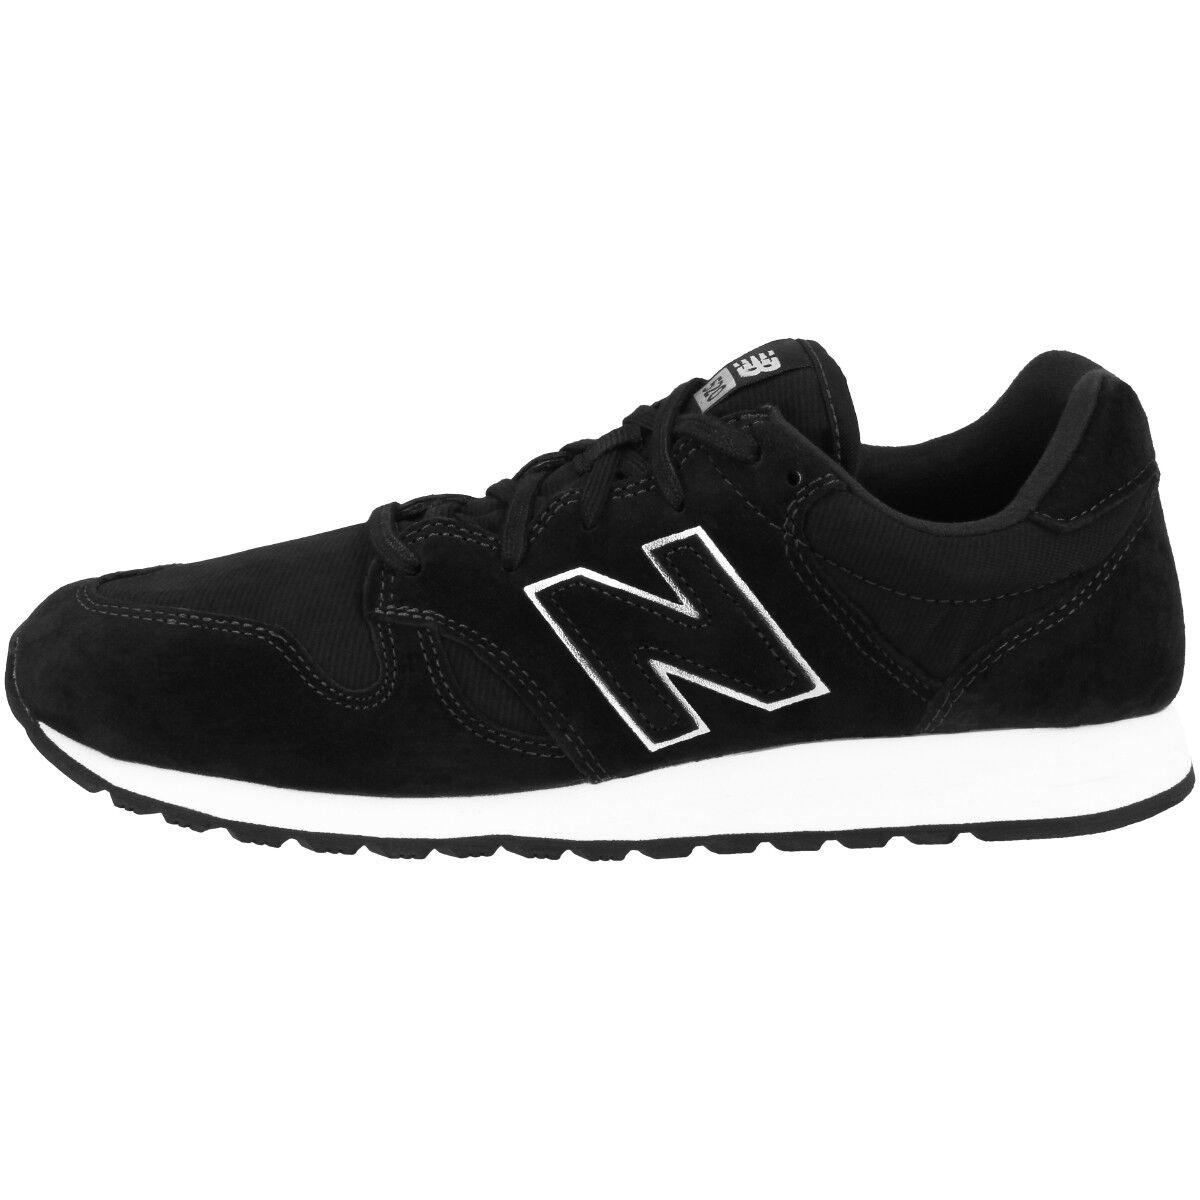 New Balance WL 520 Damen RK 70s Running Schuhe Damen 520 Laufschuhe Sneaker schwarz WL520RK a29e88